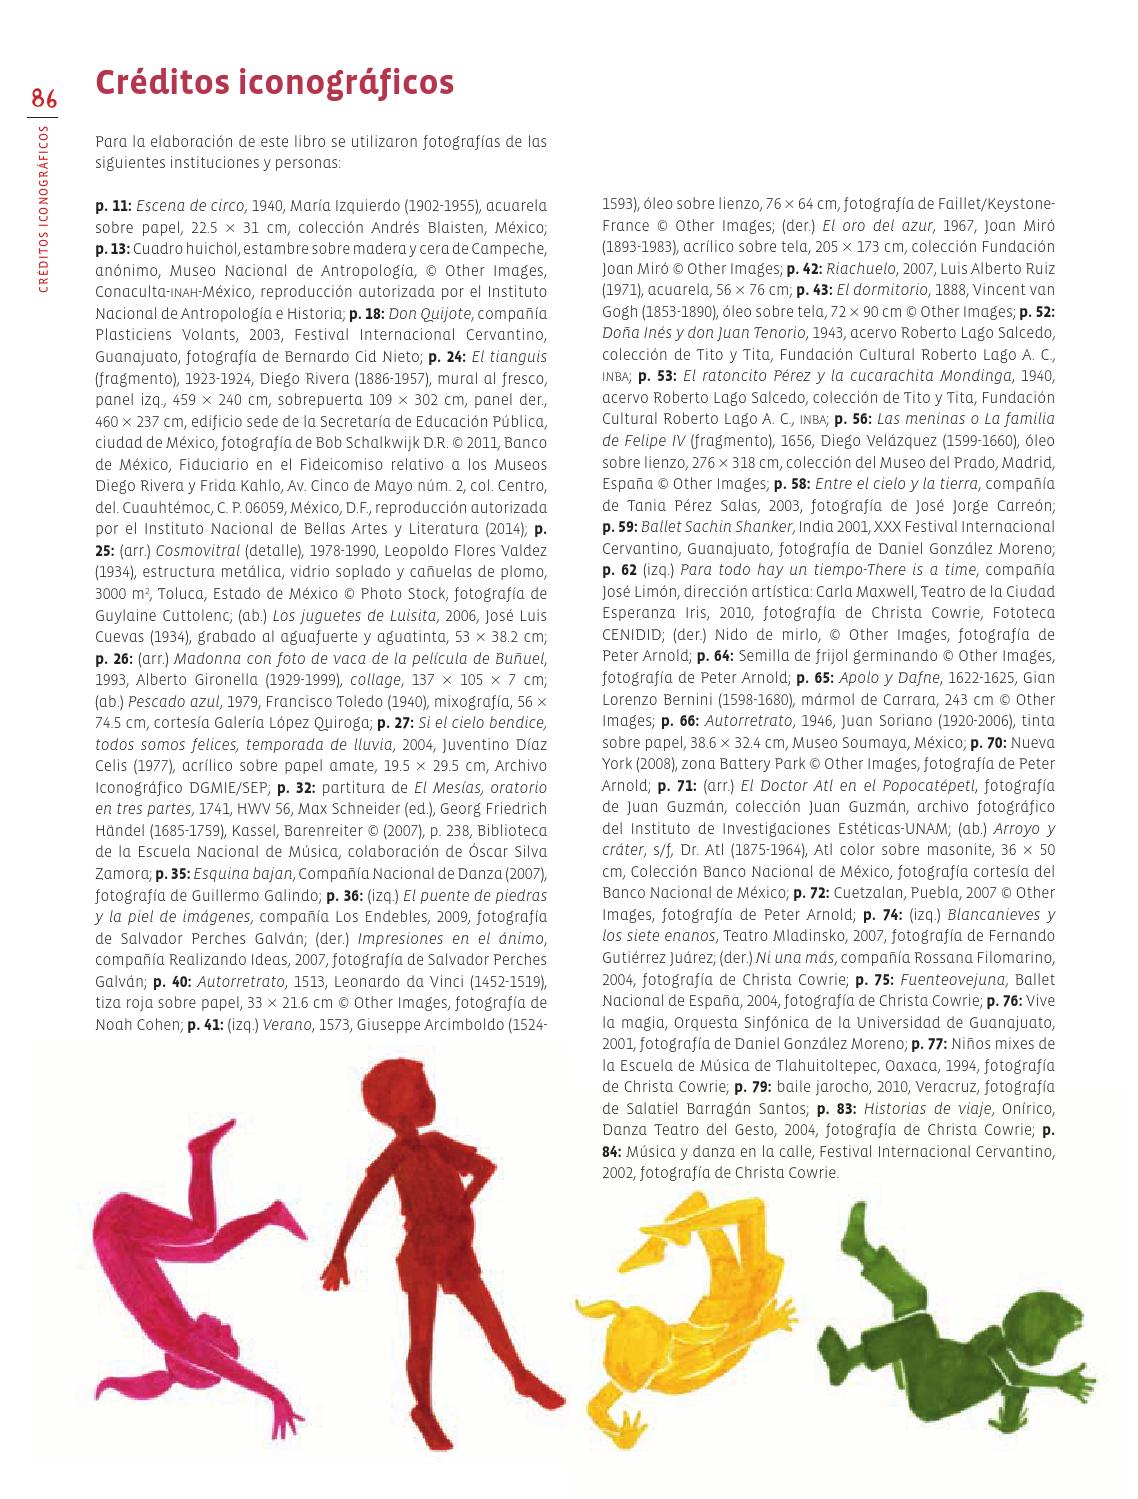 Créditos iconográficos - Eduación Artística 3ro Bloque 5 2014-201